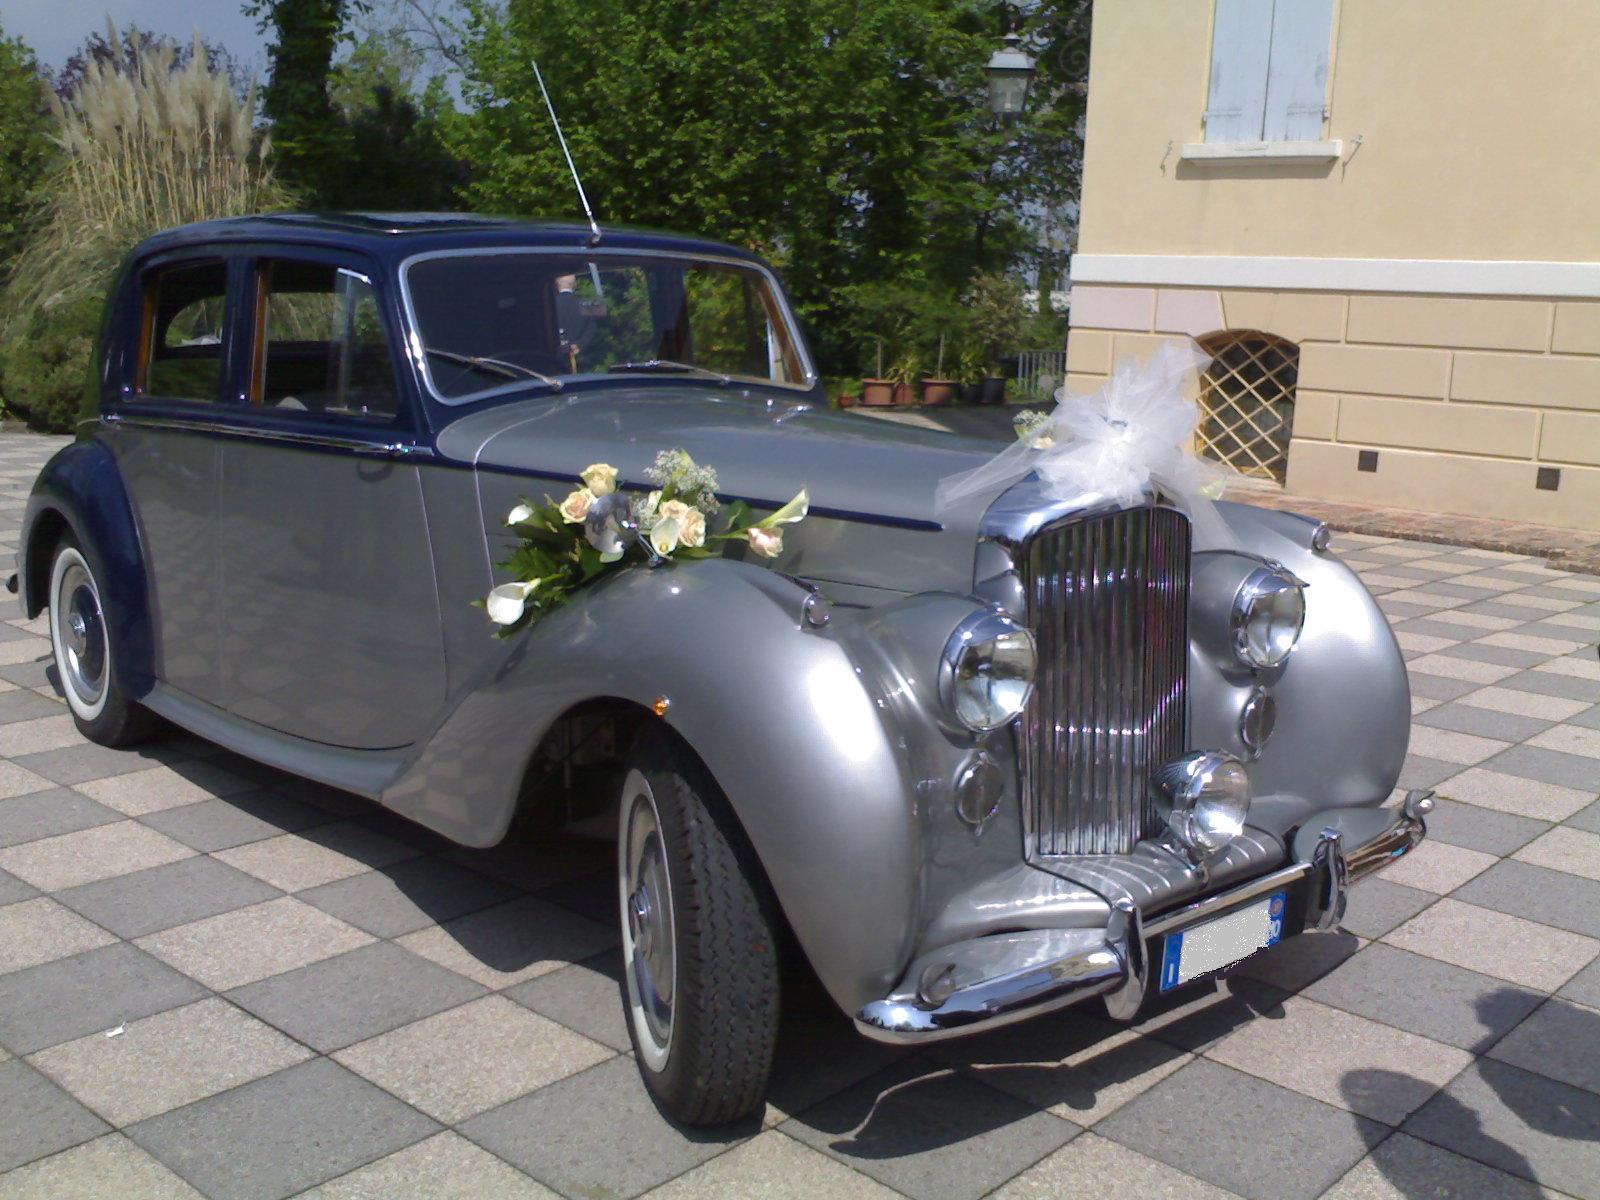 Noleggio auto matrimoni - le più belle auto storiche per matrimoni